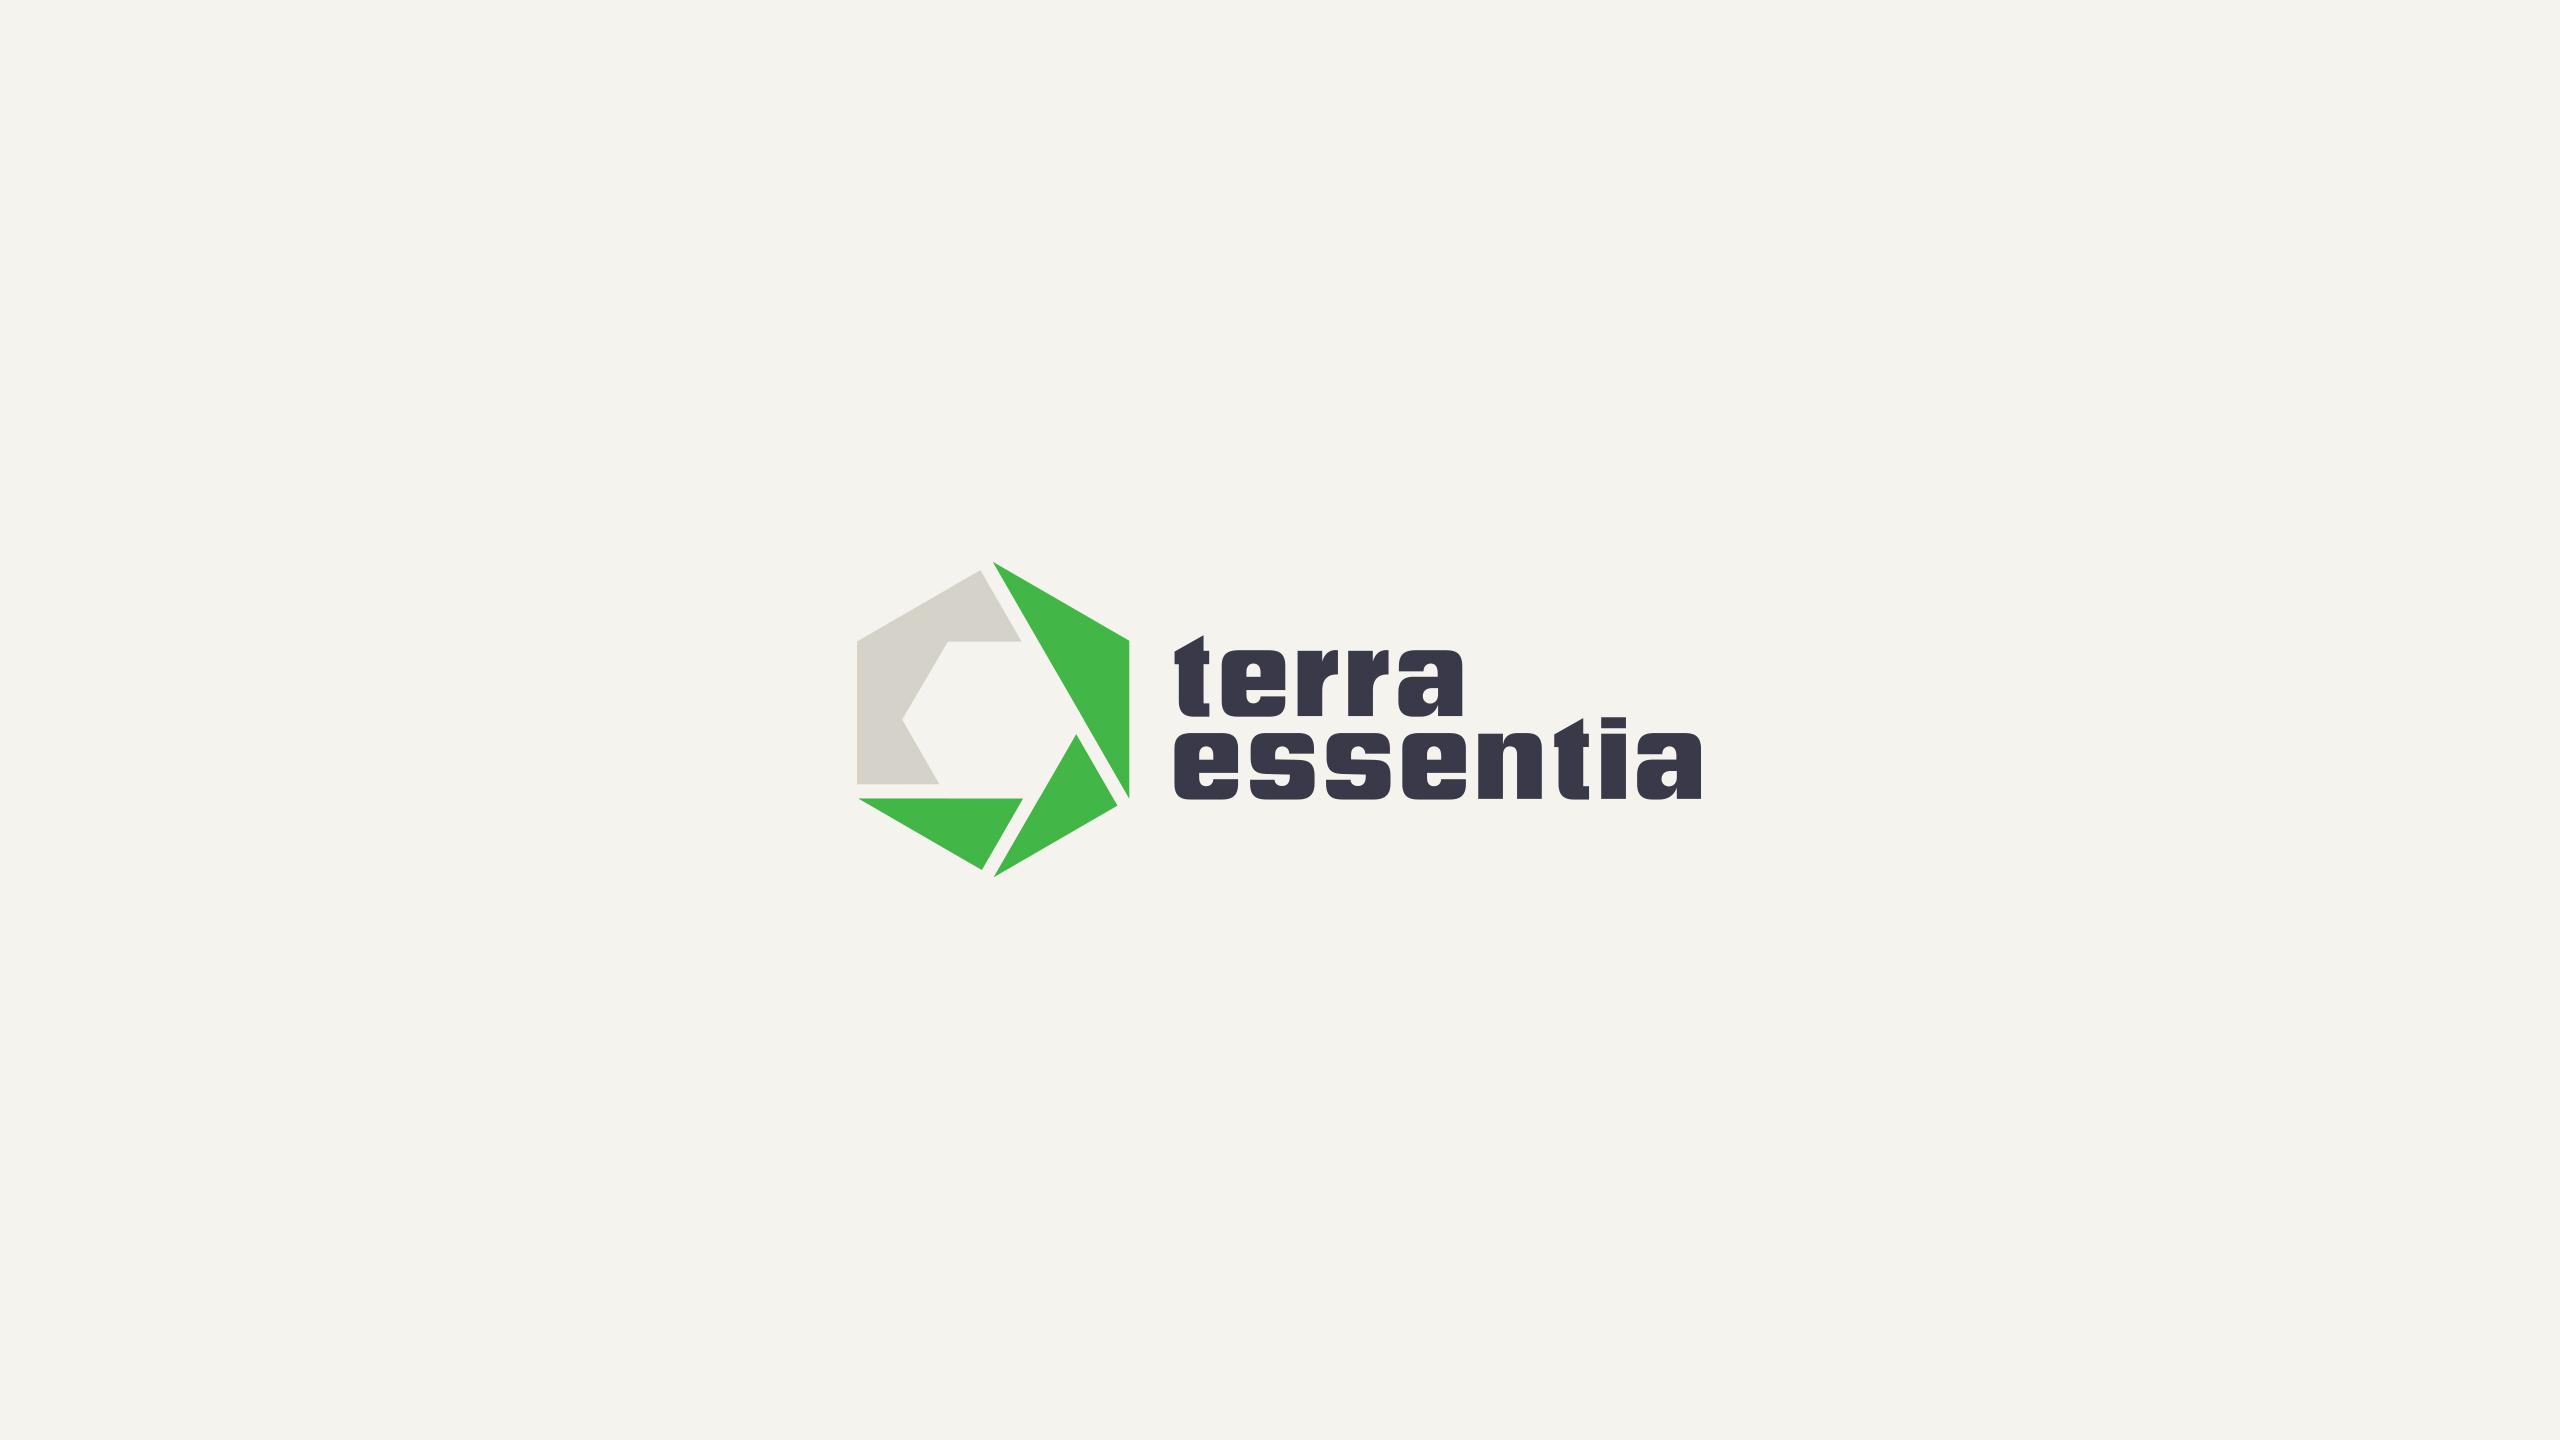 Terra Essentia